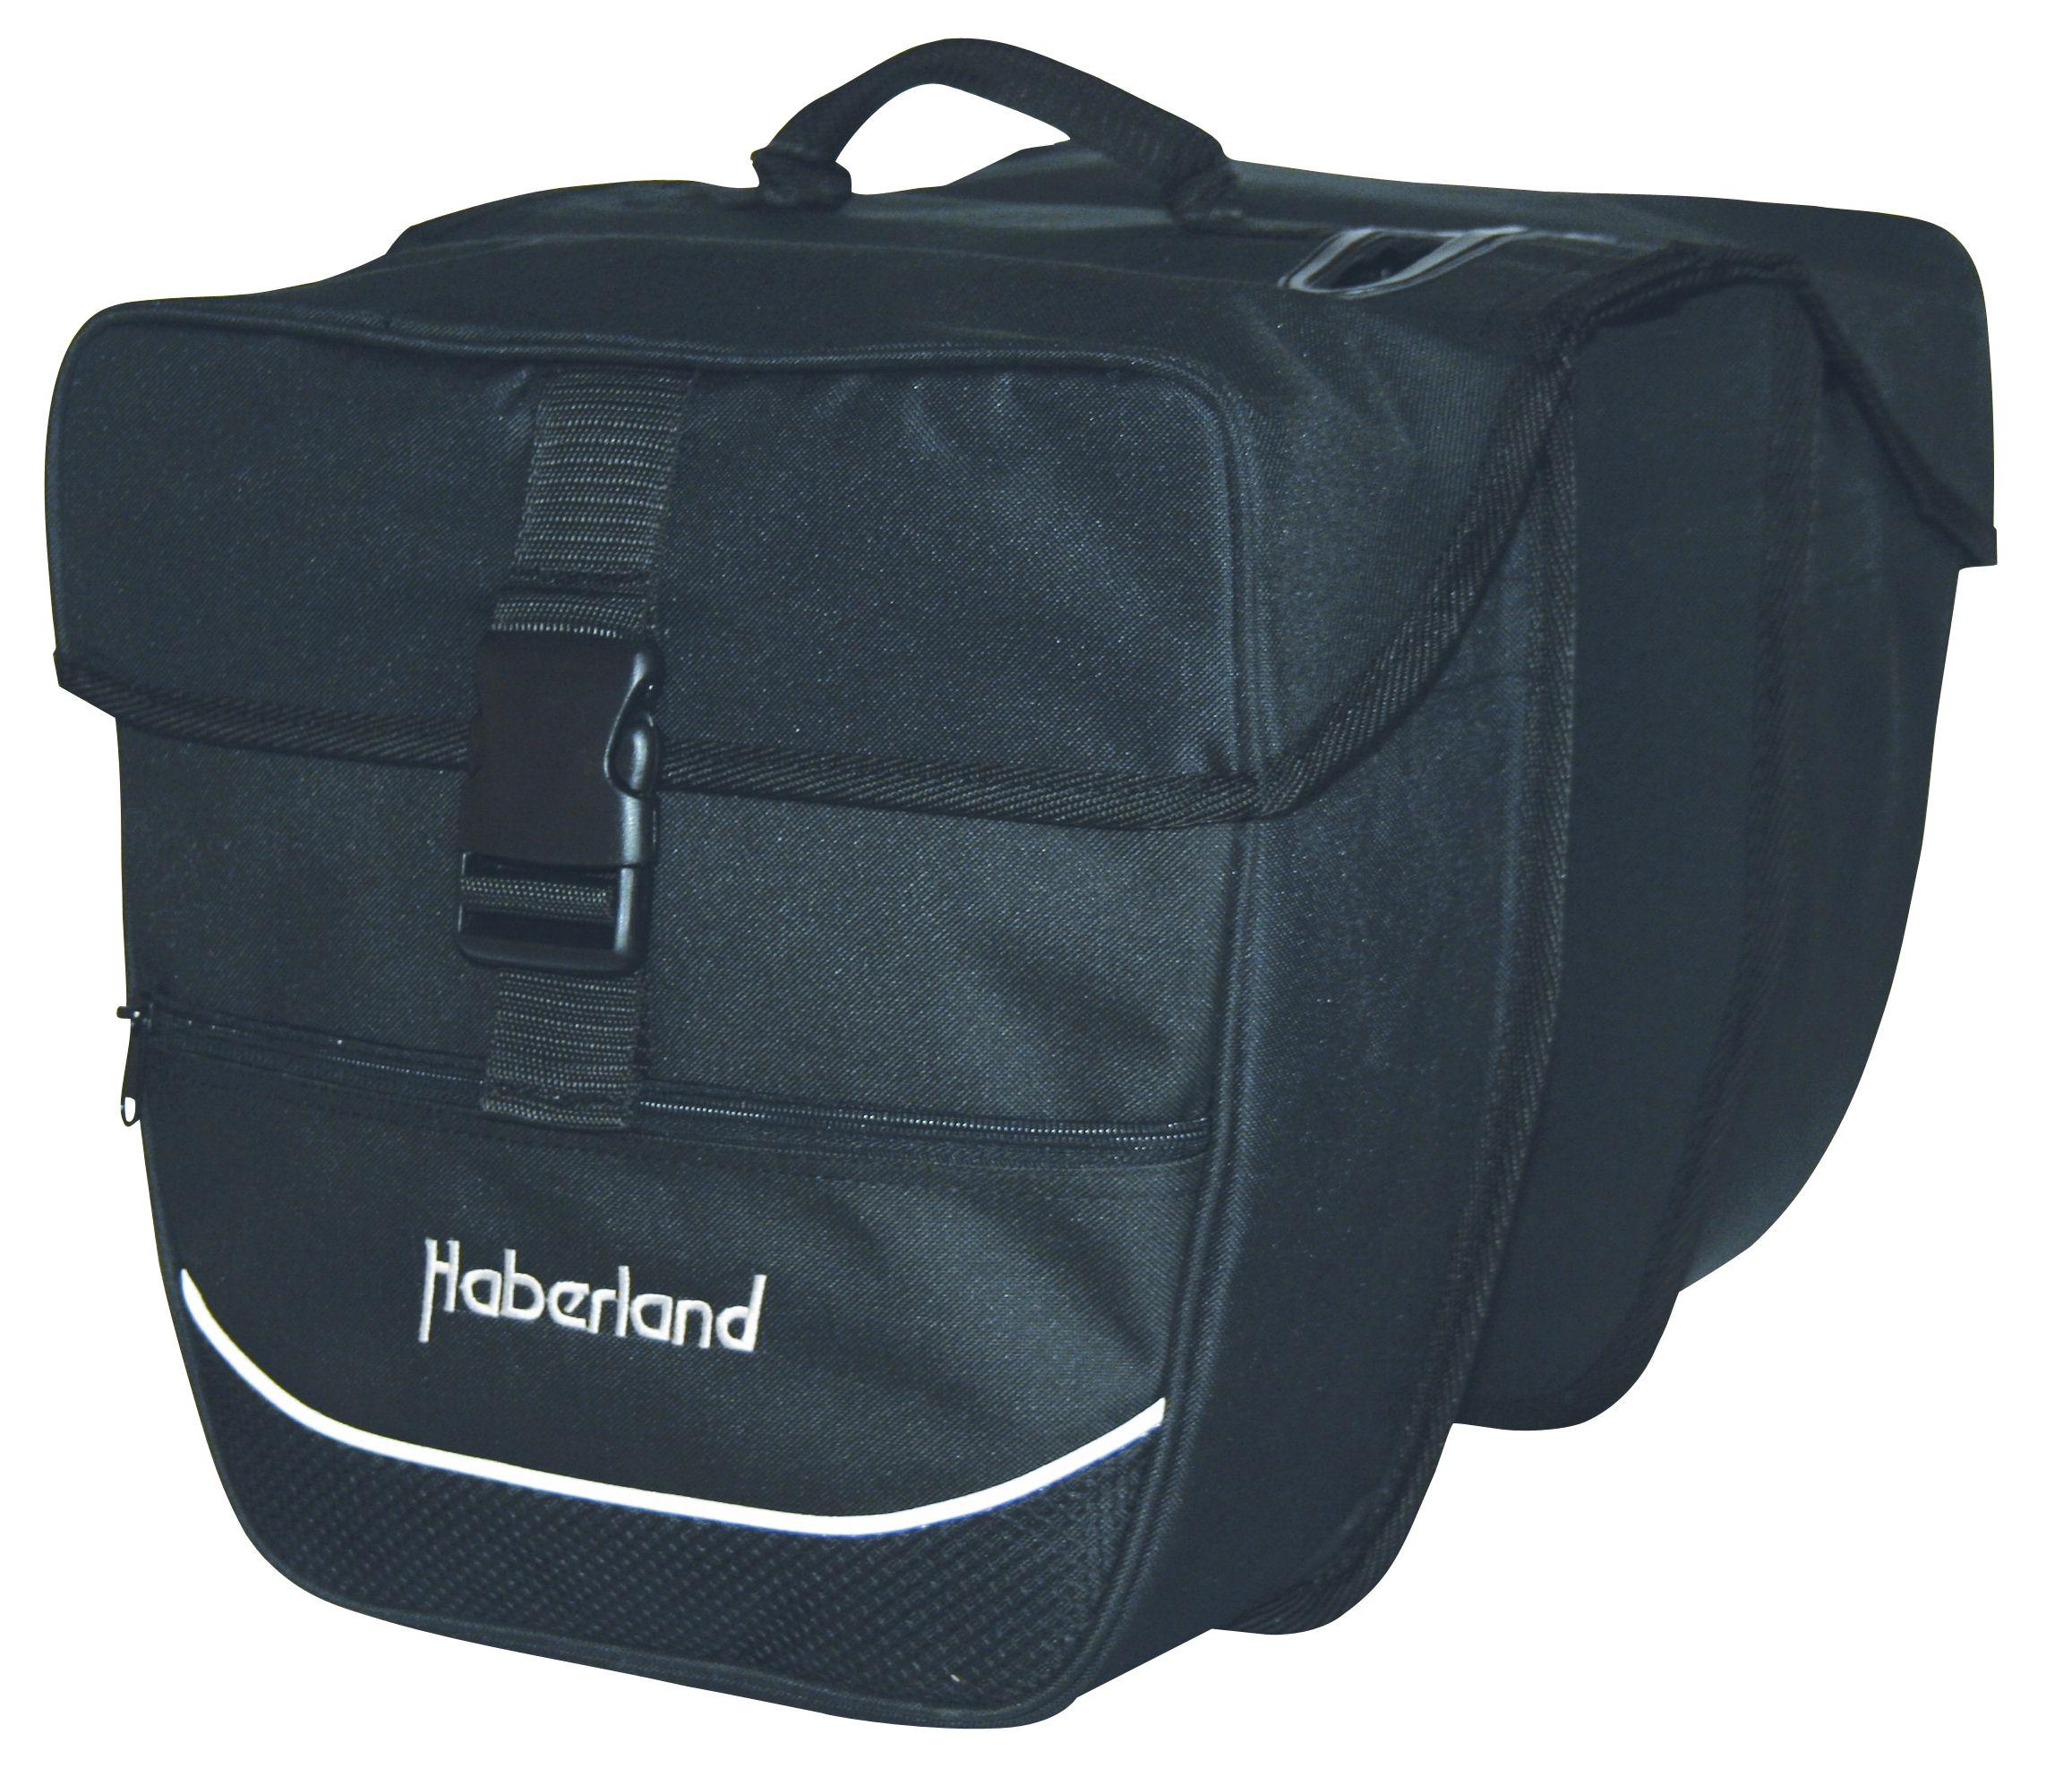 Haberland Doppeltasche schwarz 25 L